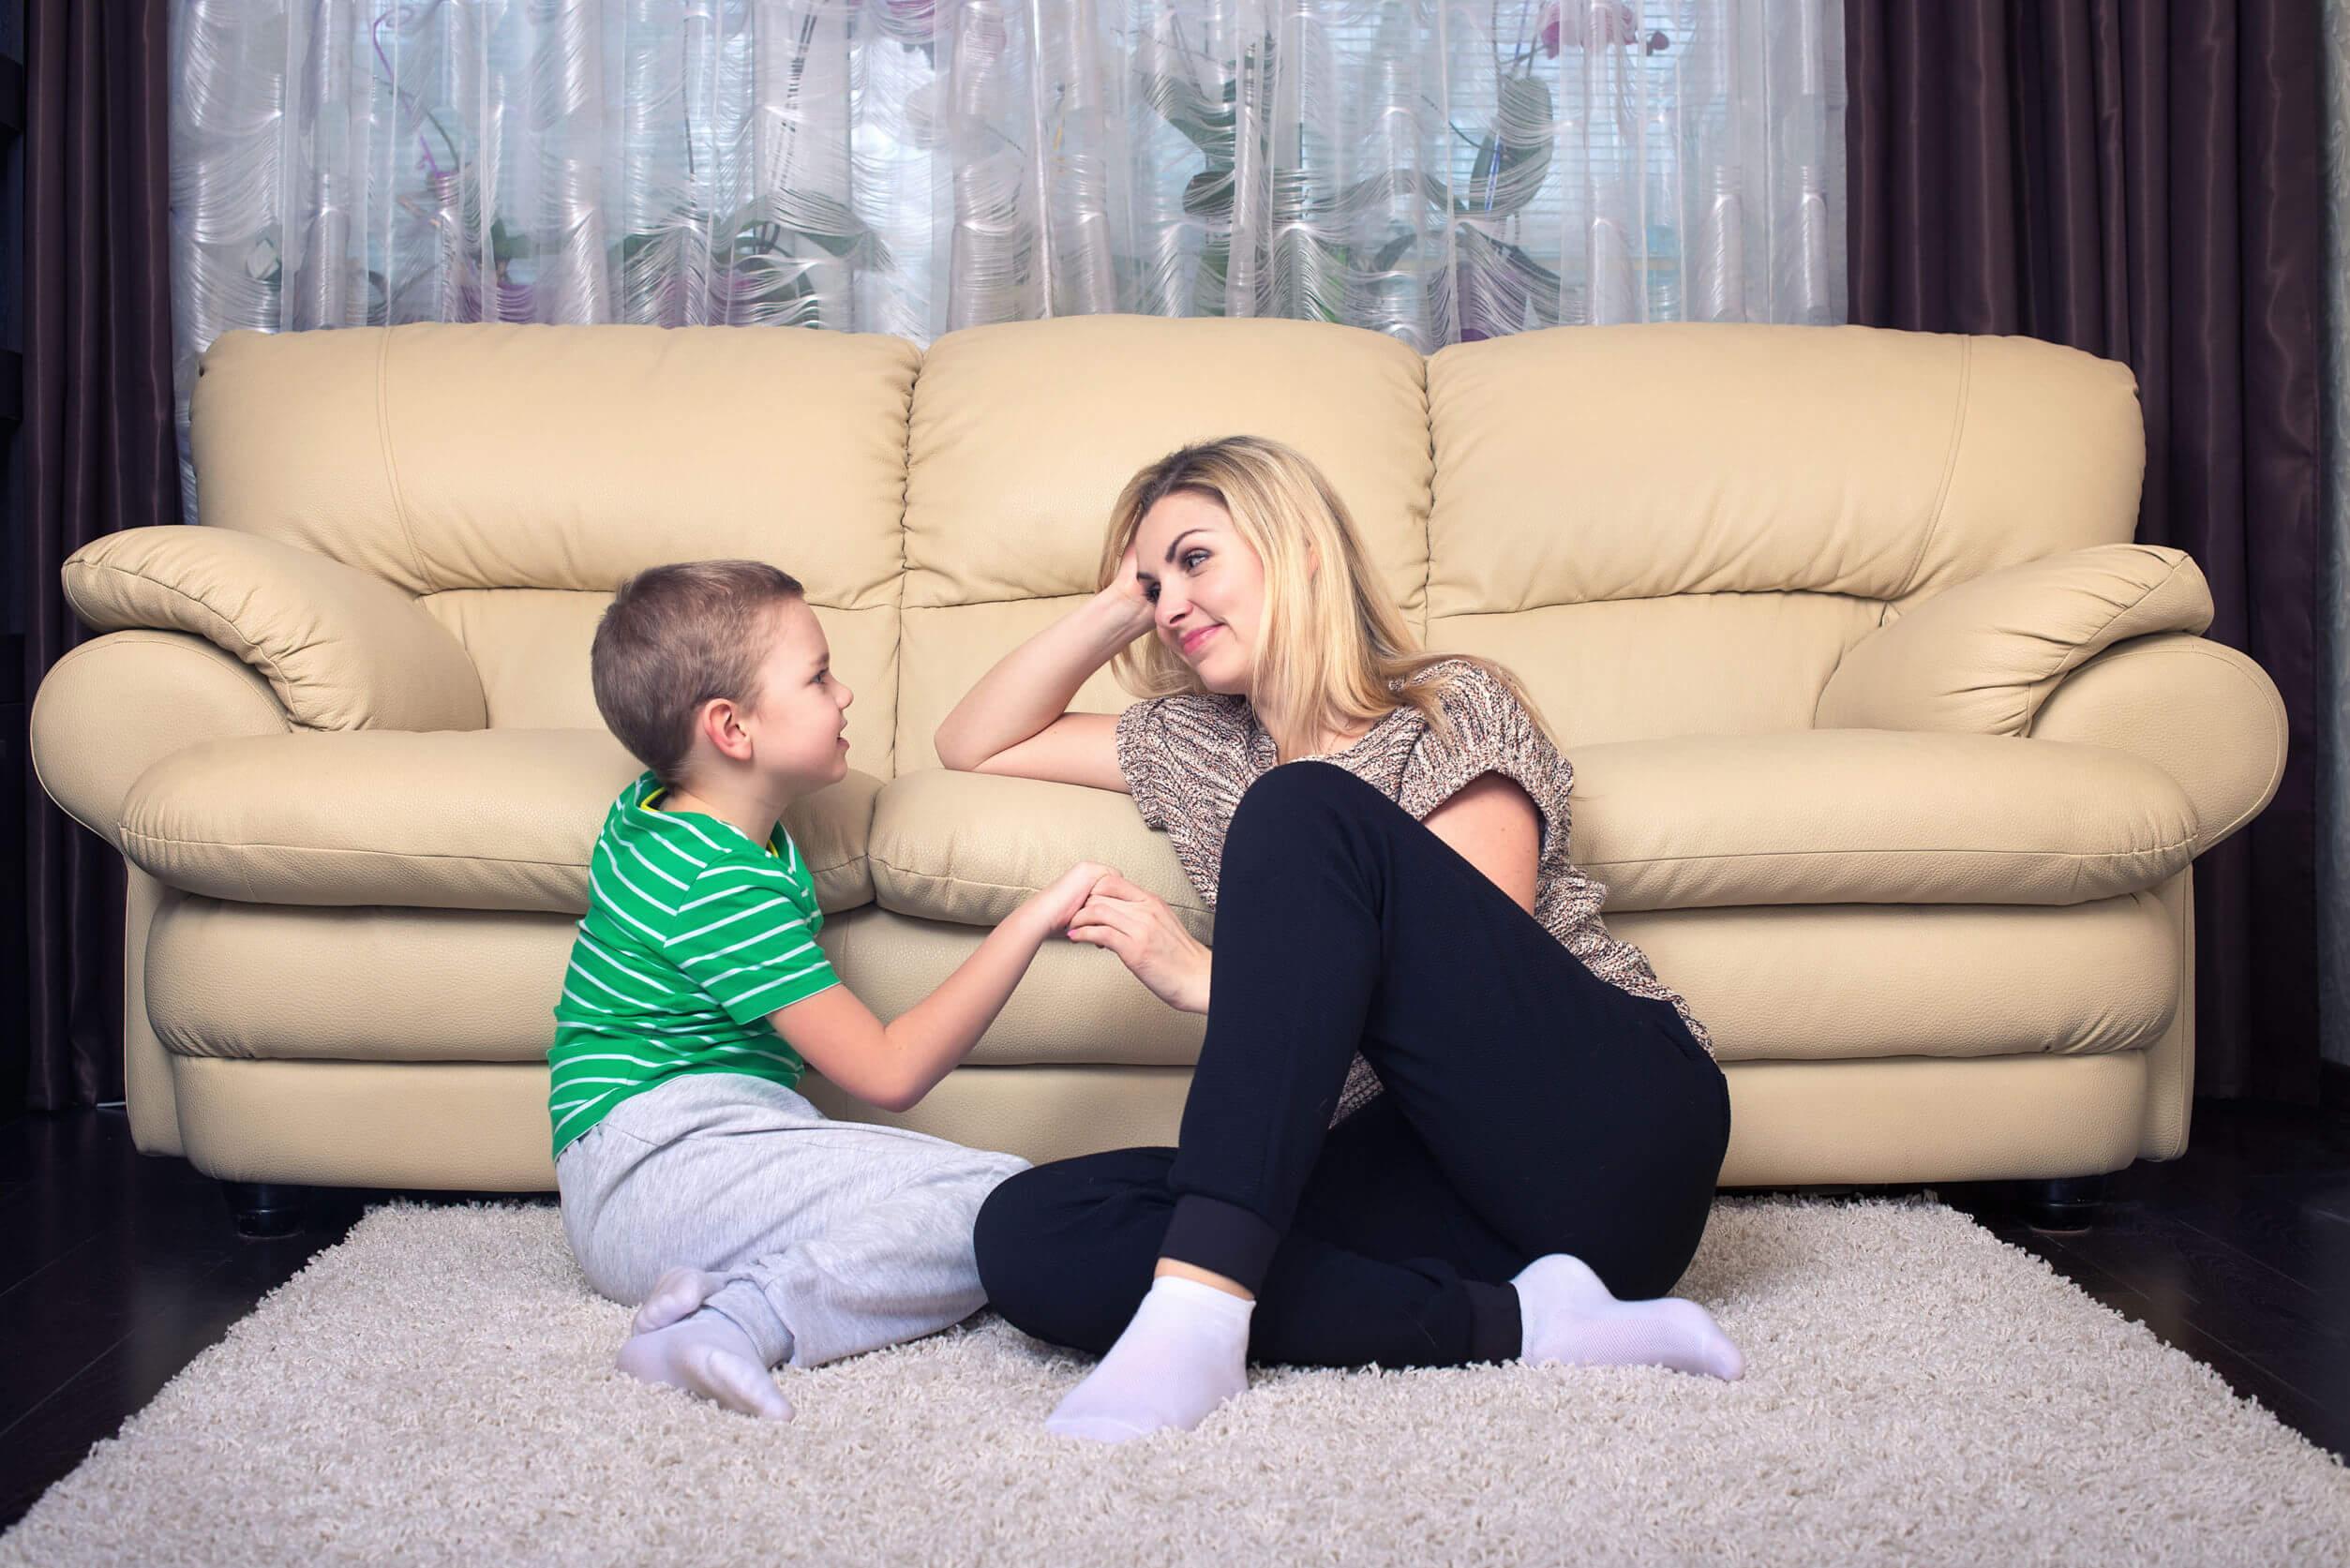 Mère écoutant son fils avec empathie.